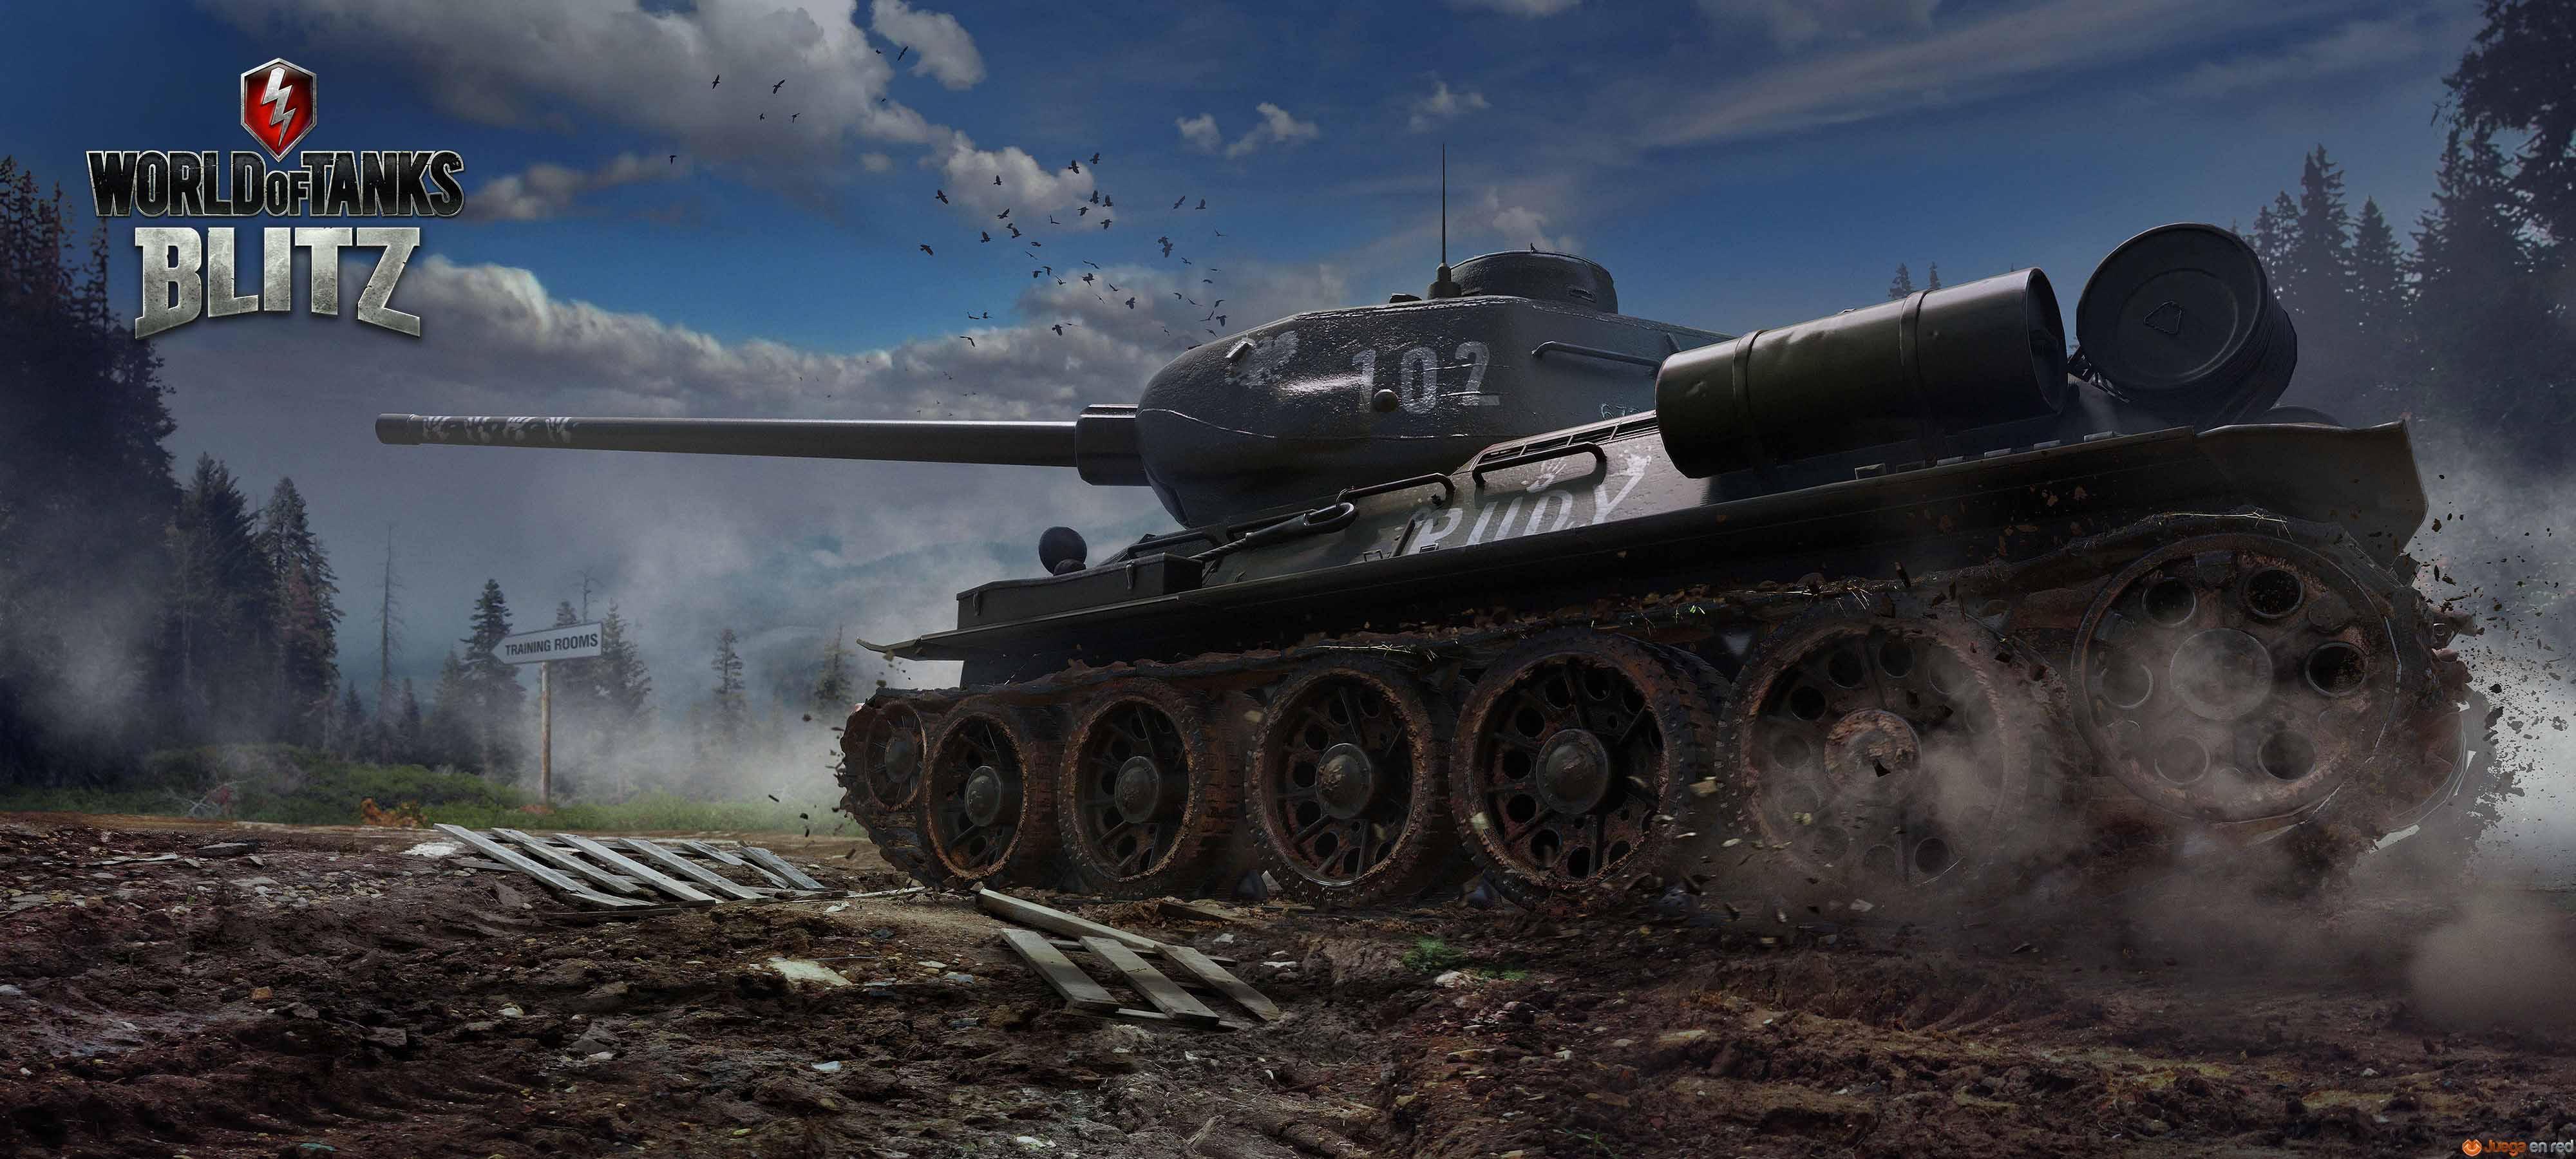 """I migliori giochi gratuiti - World of Tanks Blitz """"larghezza ="""" 4000 """"altezza ="""" 1800 """"/> </p></noscript> <p> World of Tanks Blitz è lo spin-off tascabile del leggendario MMO di Wargaming. Con una vasta selezione di <strong> carri armati </strong> tra cui scegliere, puoi affrontare altri giocatori in emozionanti battaglie 7 contro 7. """"Pocket"""" non significa meno profondo: il gioco ha innumerevoli arene di combattimento, un buon sistema di miglioramenti per i tuoi carri armati, varie missioni e molto altro ancora. </p> <p><!-- Start shortcoder --> </p> <p class="""